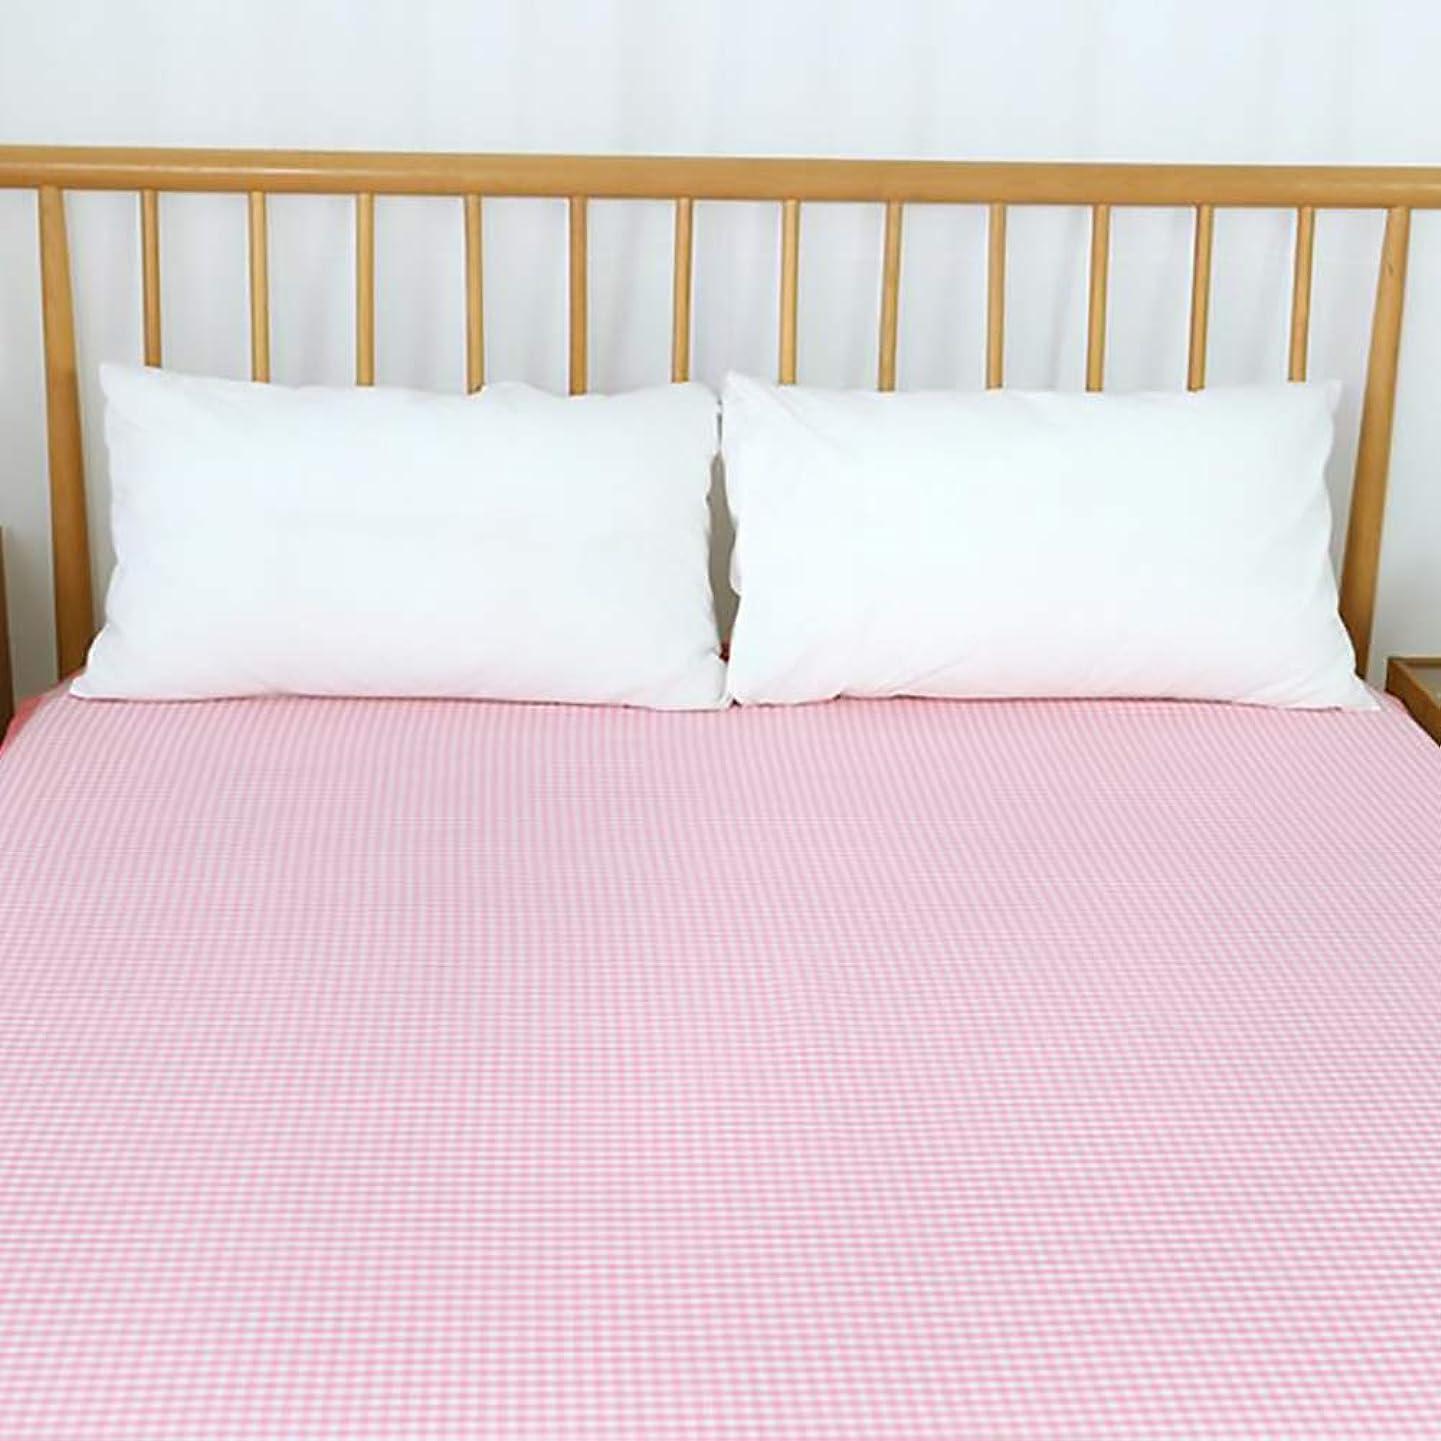 カブアレキサンダーグラハムベルみすぼらしいSept.Filles ベッドパッド ケット 竹繊維 敷きパッド 柔らかい 夏用 布団 接触冷感 冷やスゴッ 洗える (ピンク)